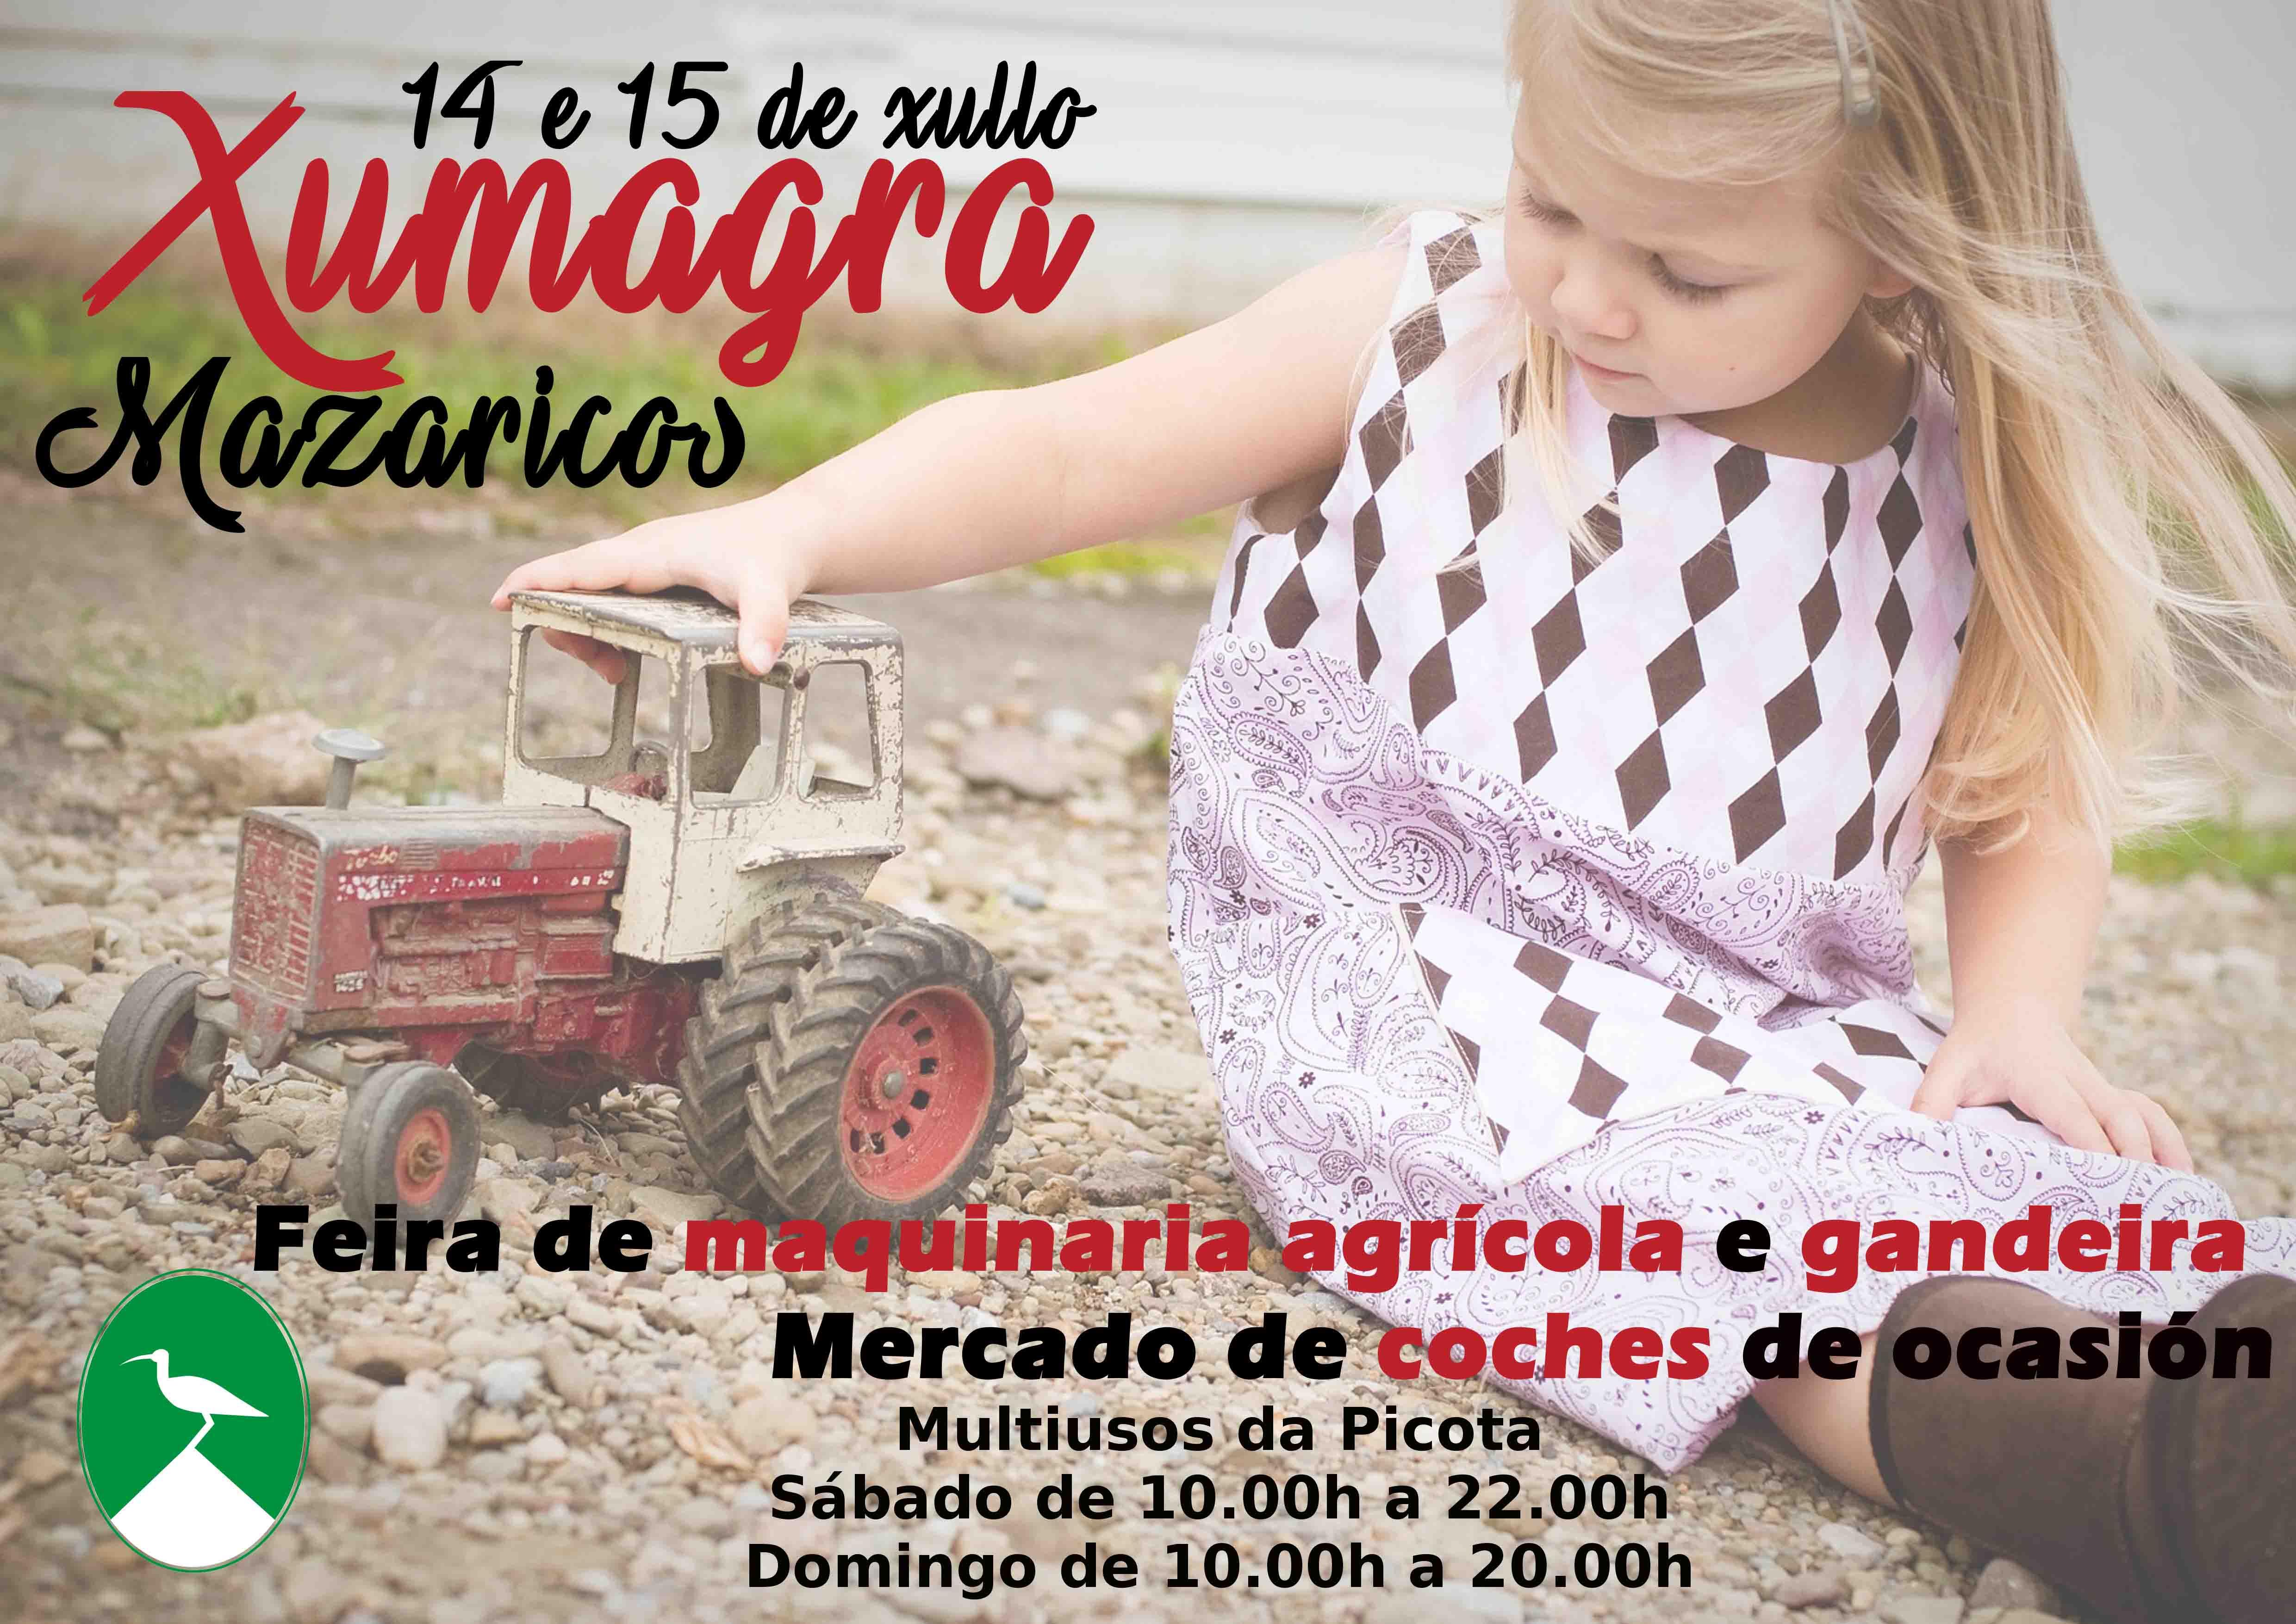 Mazaricos acolle o 14 e 15 de xullo a feira de maquinaria agrícola XUMAGRA